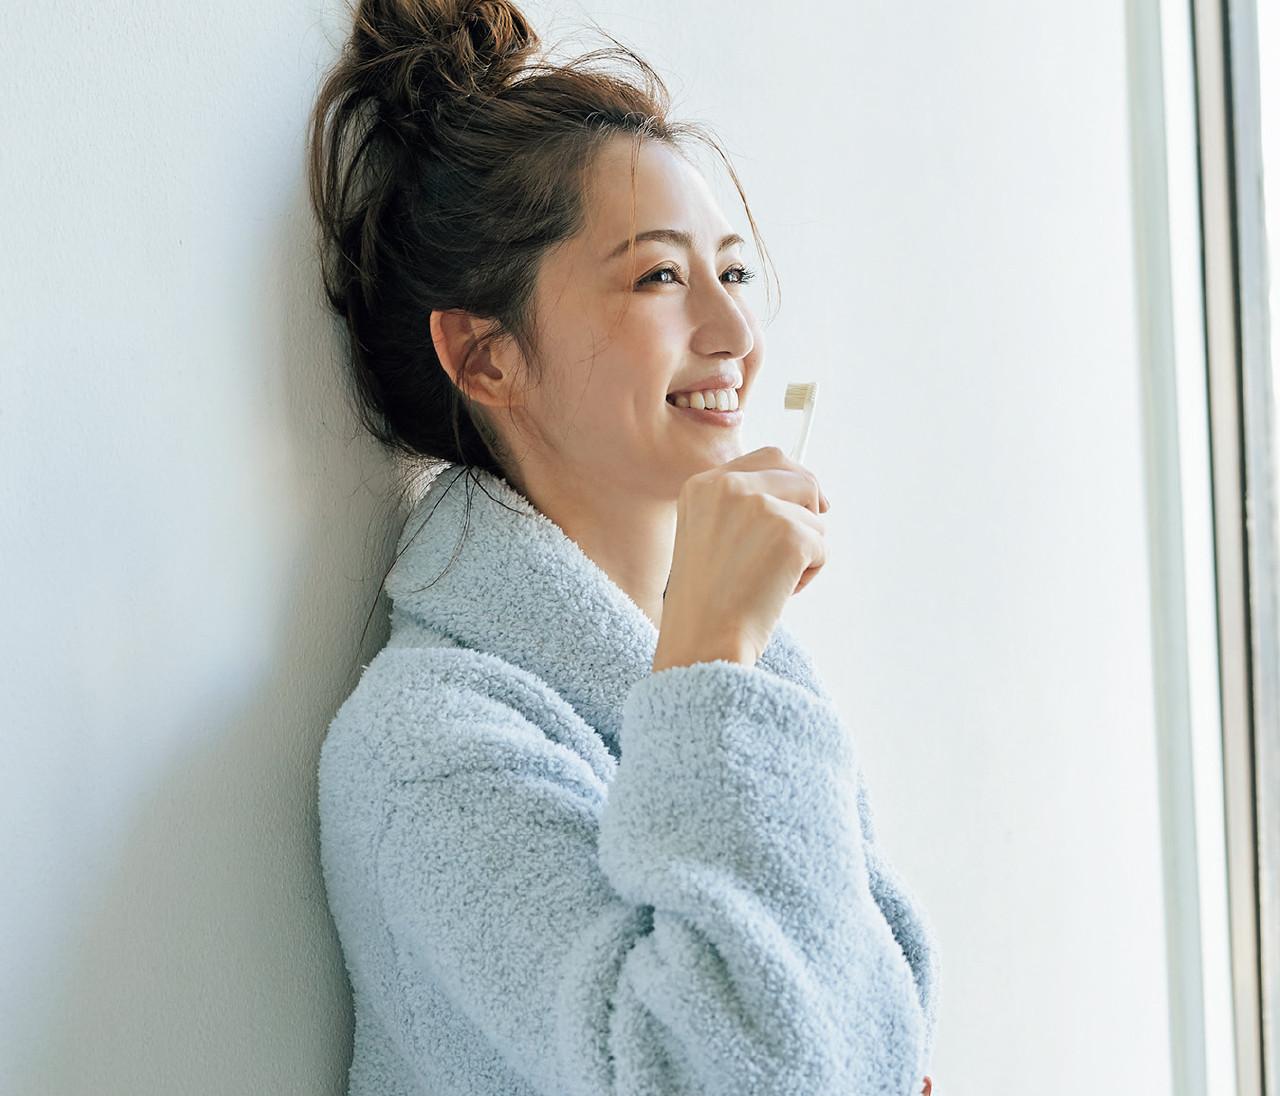 """歯磨きタイムは壁を利用して美姿勢に!【有村実樹さんの""""ながら美容""""のススメ】"""